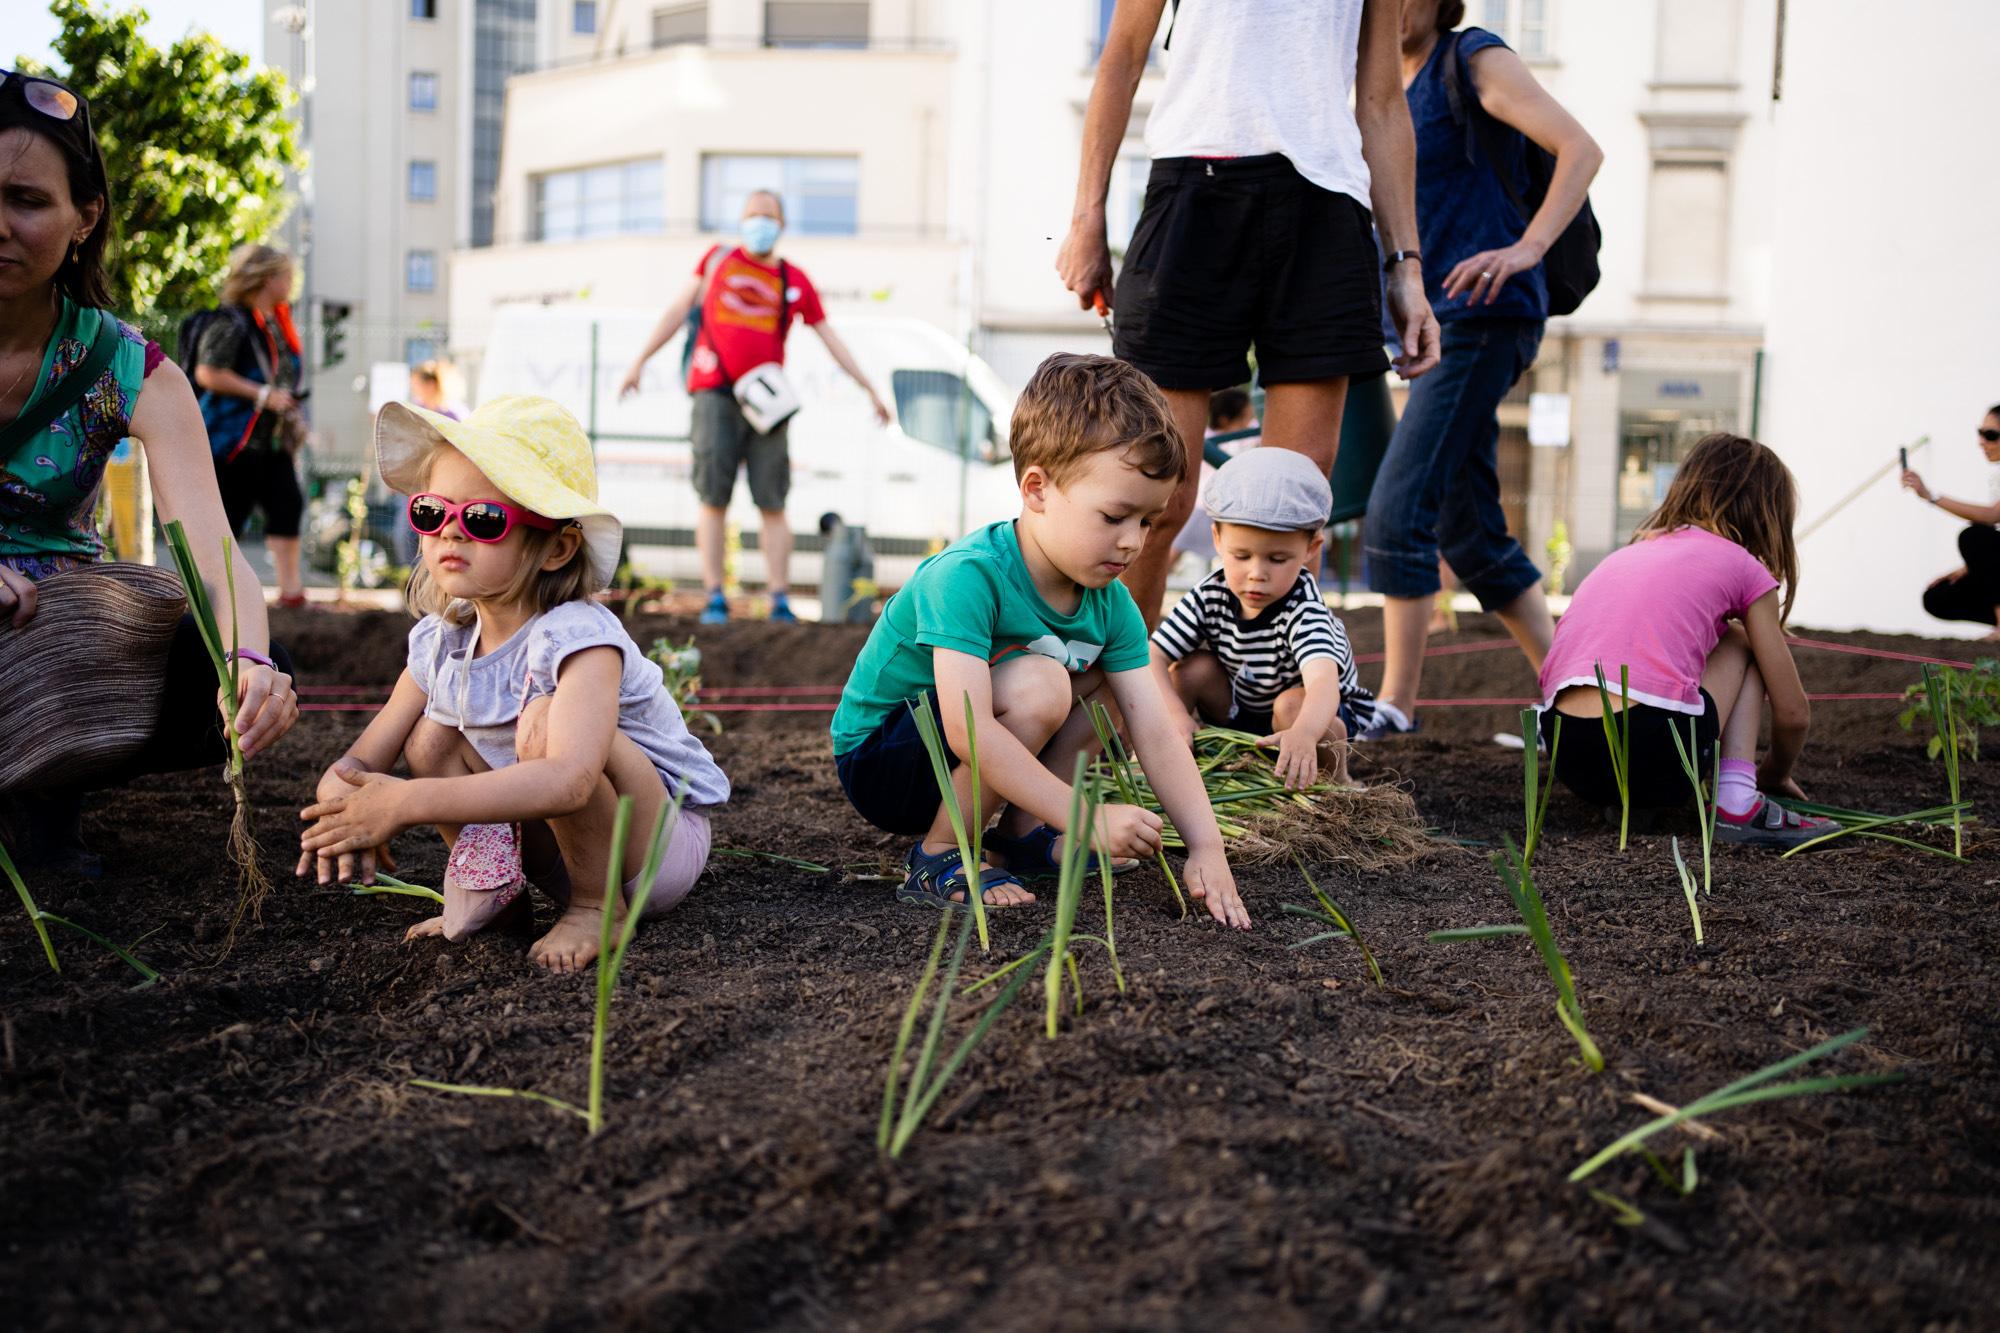 gratte ciel 43 - La Ferme des artisans, un projet éco-responsable pour mieux vivre la ville de demain